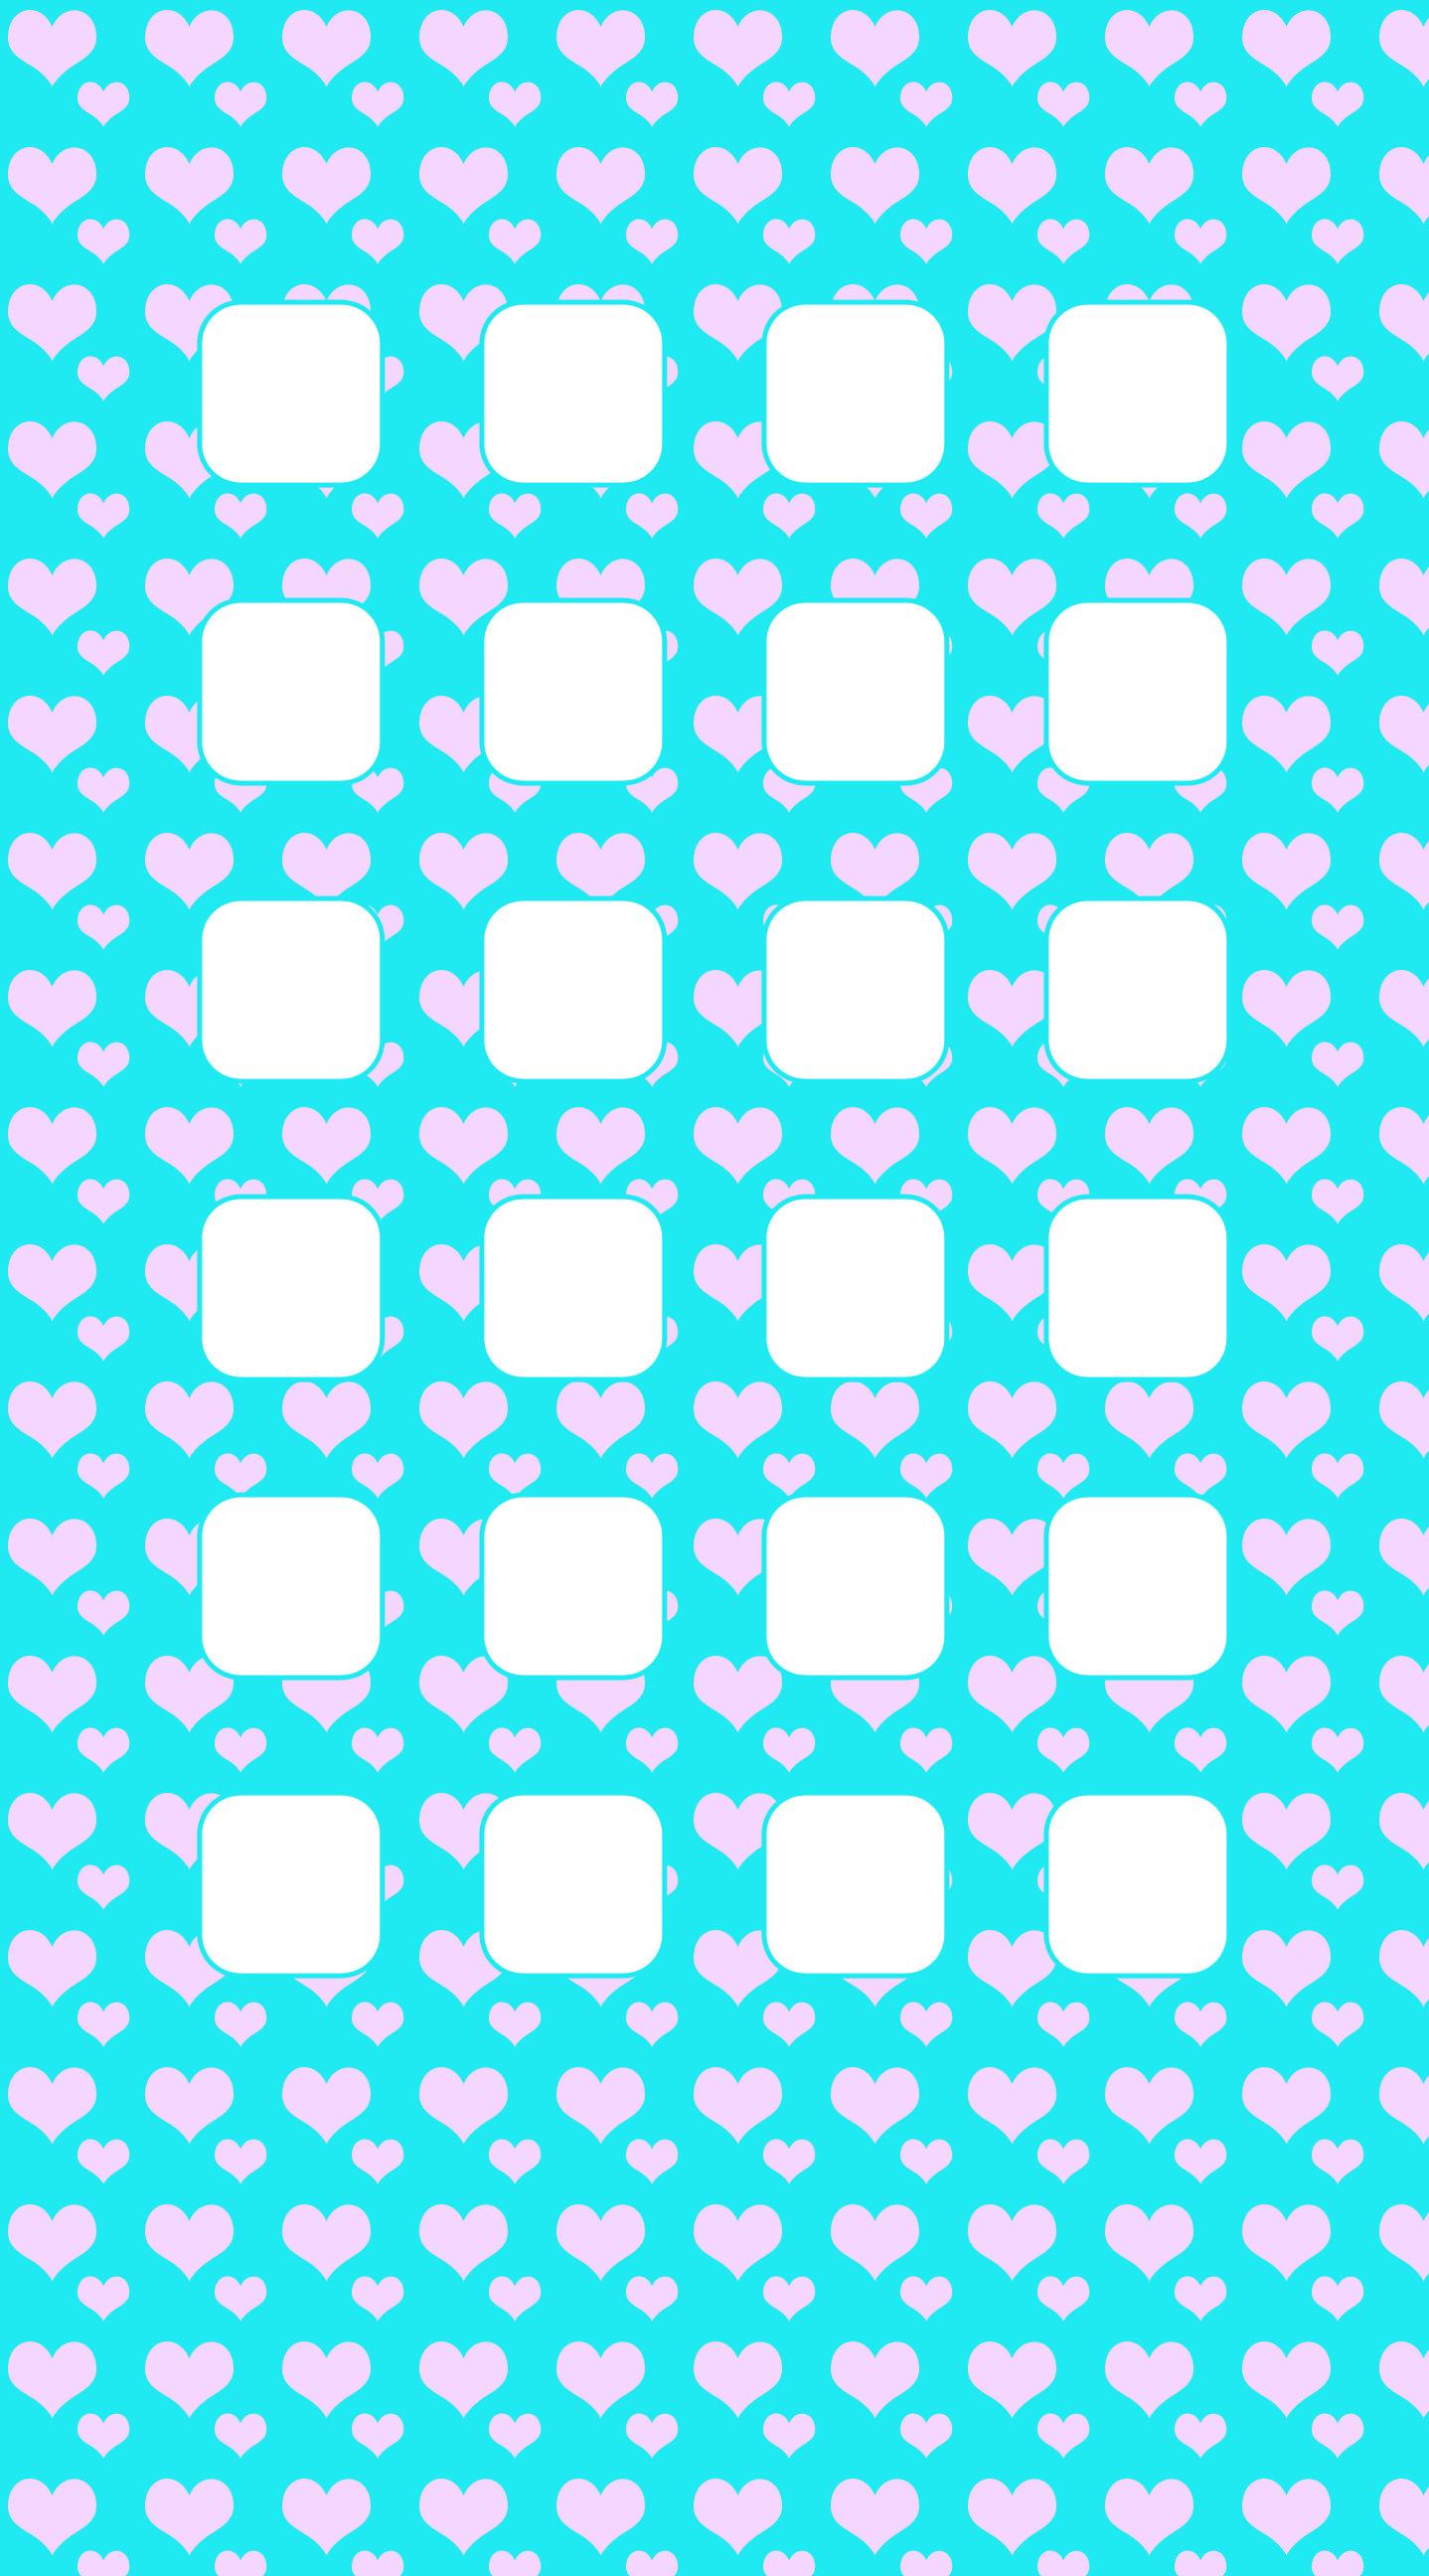 Heart Pattern Blue Pink Shelf Wallpaper Sc Iphone6splus